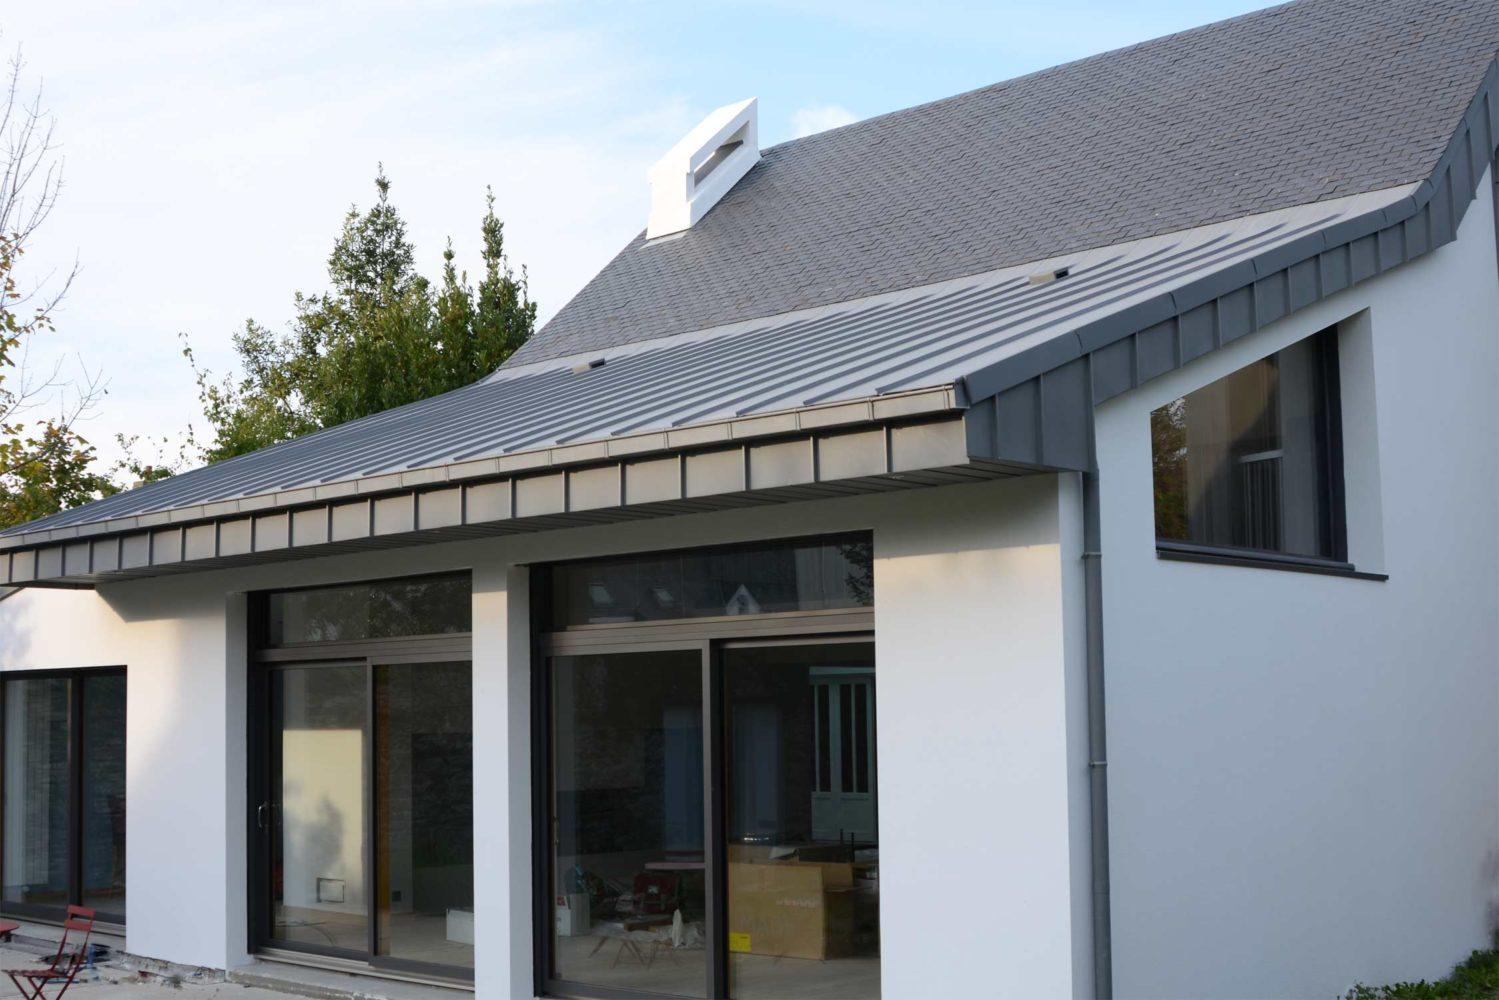 Rénovation-Vannes-Gwénael-LE-PORT-architecte-4-extérieur